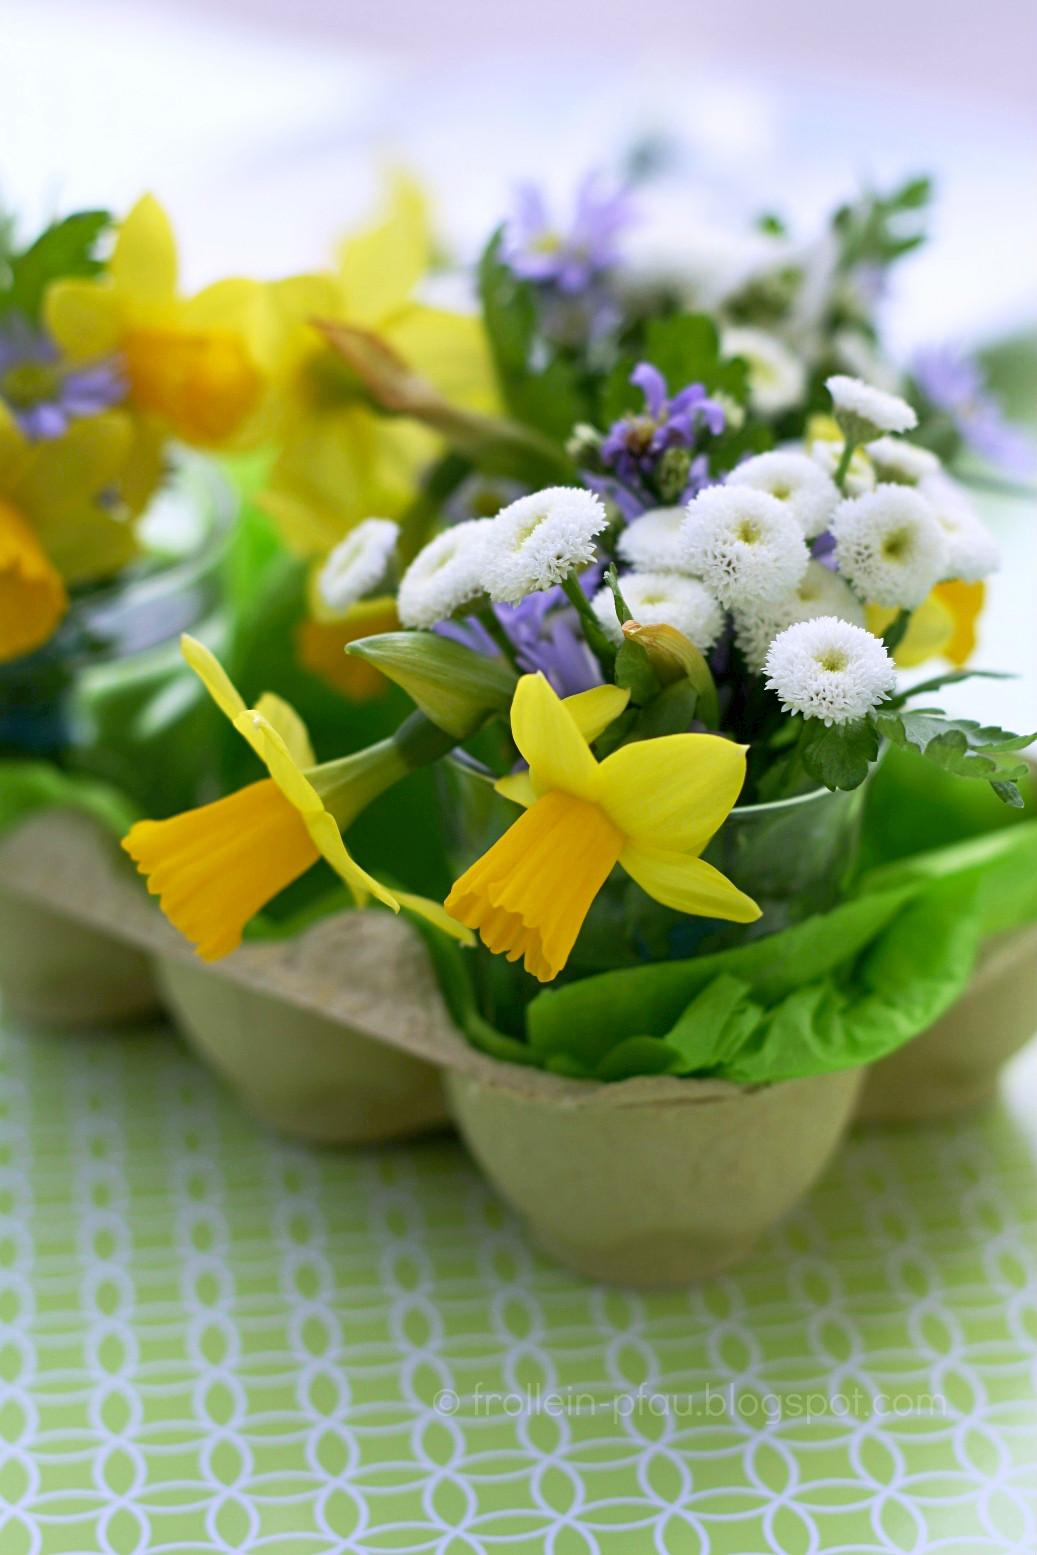 Oster DIY, Osterdeko basteln mit Kindern, kleines Ostergeschenk, Ostern, basteln, Kindergärtnerinnengeschenk, basteln mit Eierkarton, Ostergesteck